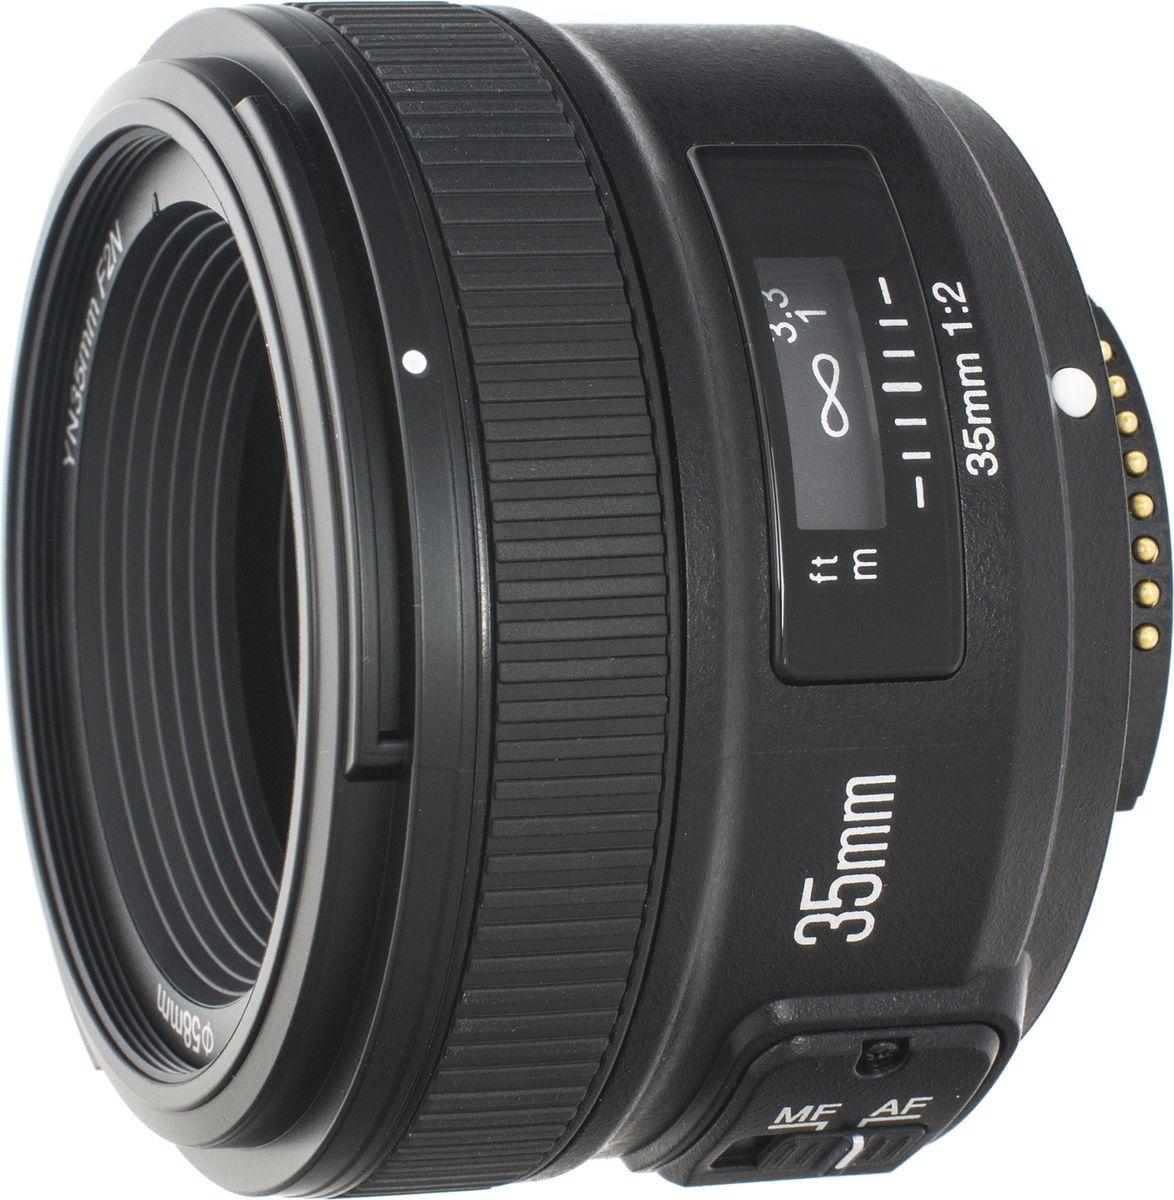 Yongnuo 35F2.0 объектив для NikonYN35MM F2.0NYongnuo 35F2.0 — аналог широкоугольного объектива от Nikon. Обладает схожей оптической схемой, но имеет более компактный корпус. 35 мм приравнивается к 56 мм на кроп-матрице, что делает этот объектив универсальным для любительских камер. Объектив YongNuo имеет большую светосилу (f/2), что позволяет эффективно использовать его в помещениях и на коротких выдержках.